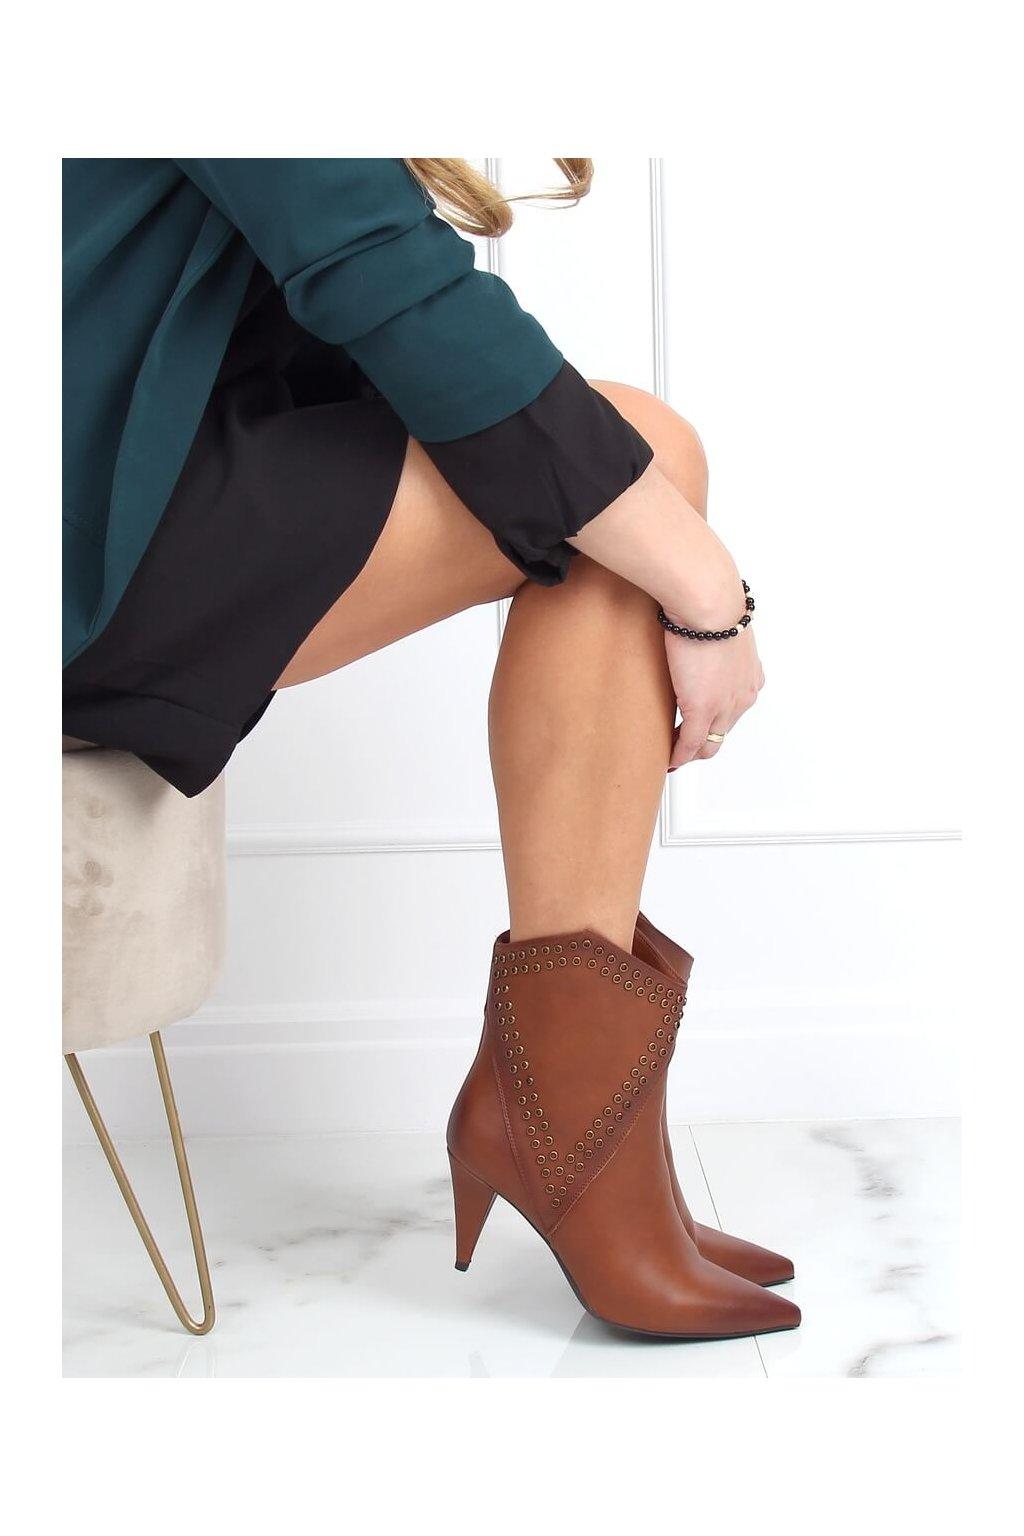 Dámske členkové topánky hnedé na ihlovom podpätku RB78P